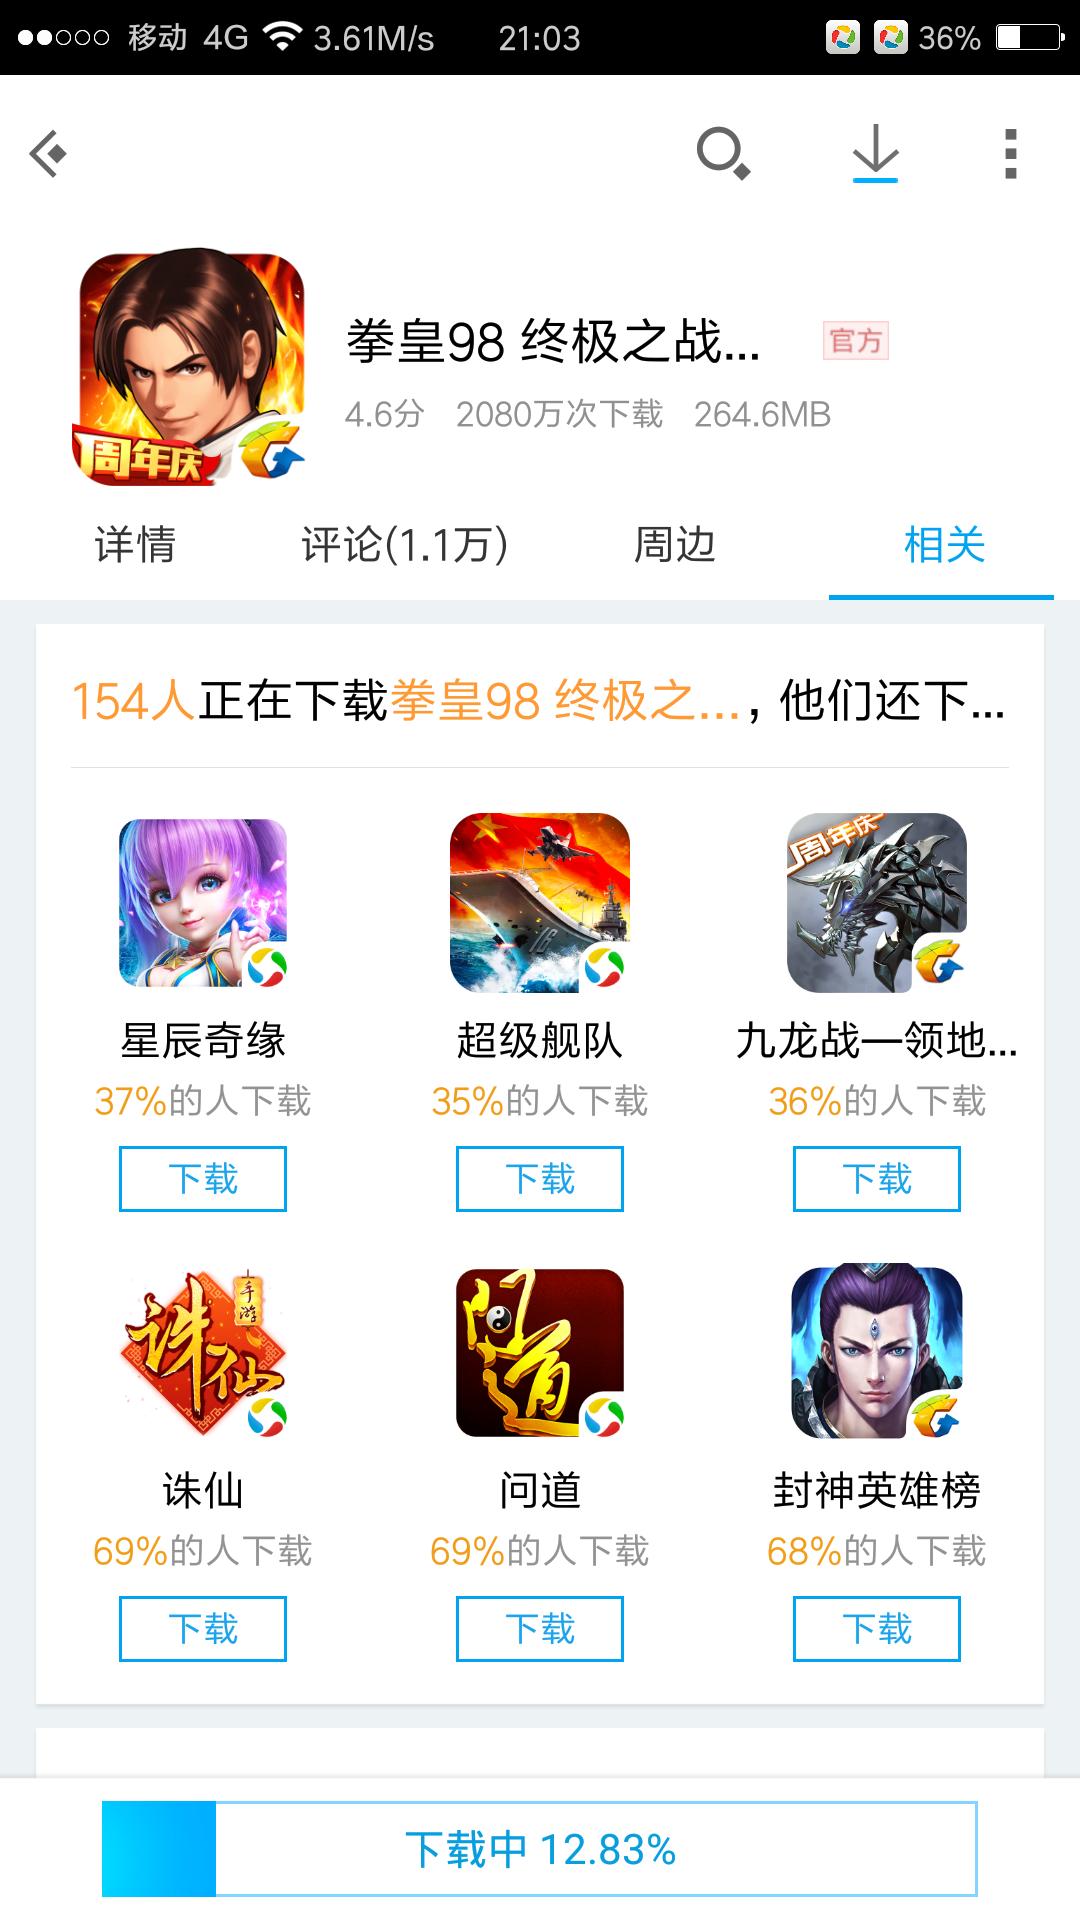 Screenshot_2017-03-05-21-03-27-153_com.tencent.an.png